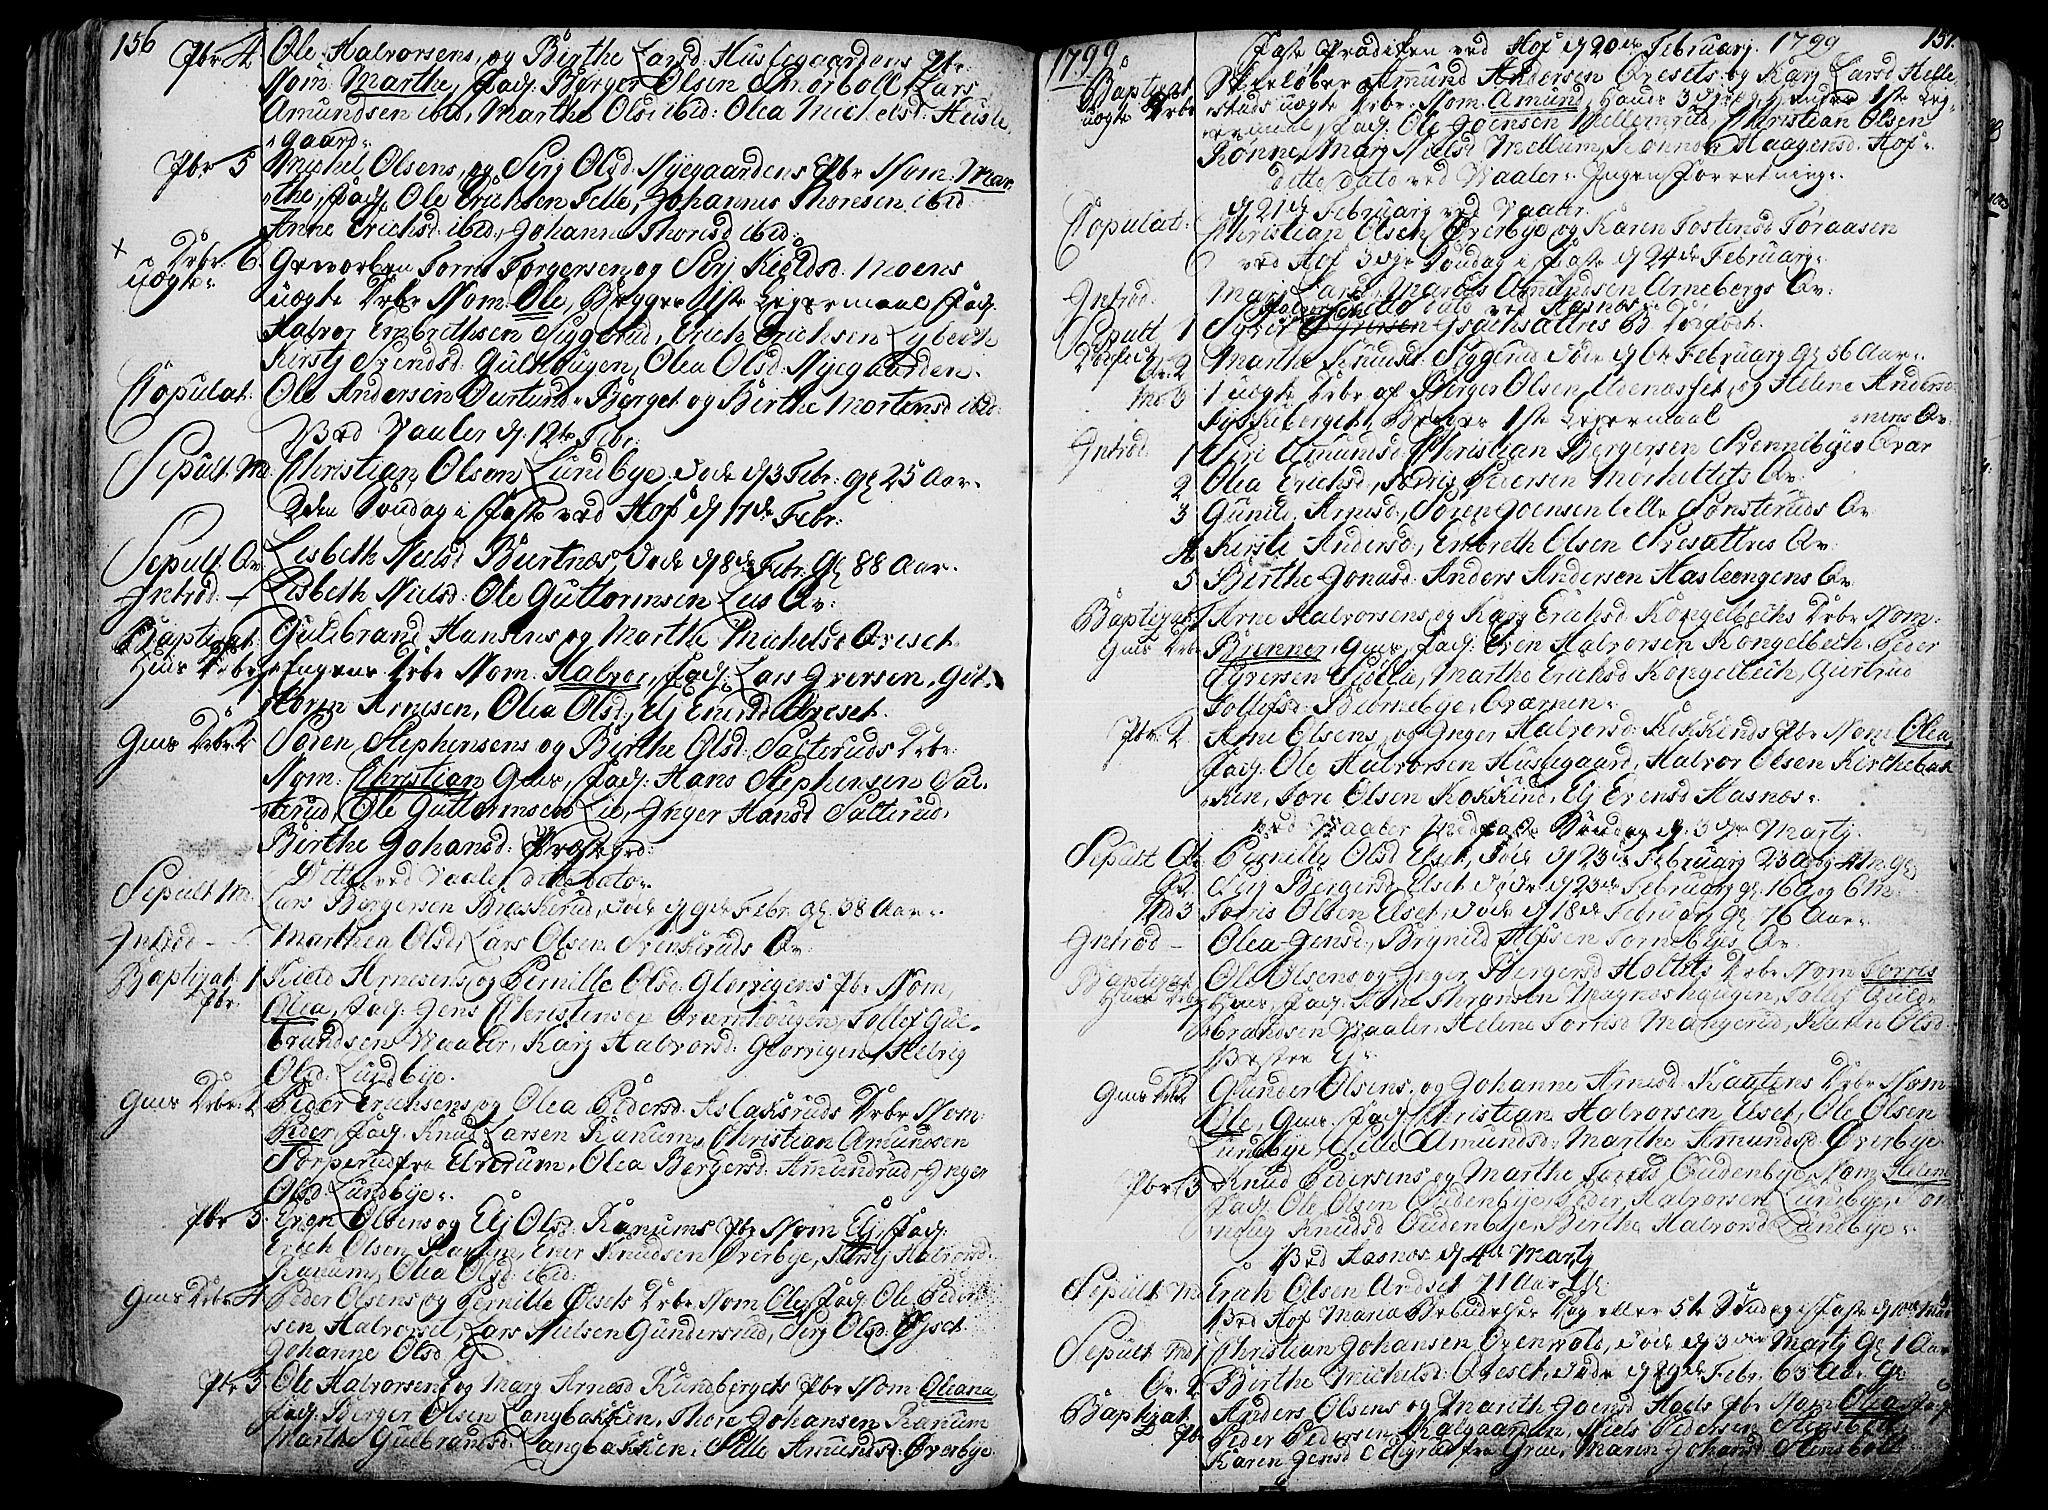 SAH, Hof prestekontor, Ministerialbok nr. 4, 1790-1815, s. 156-157